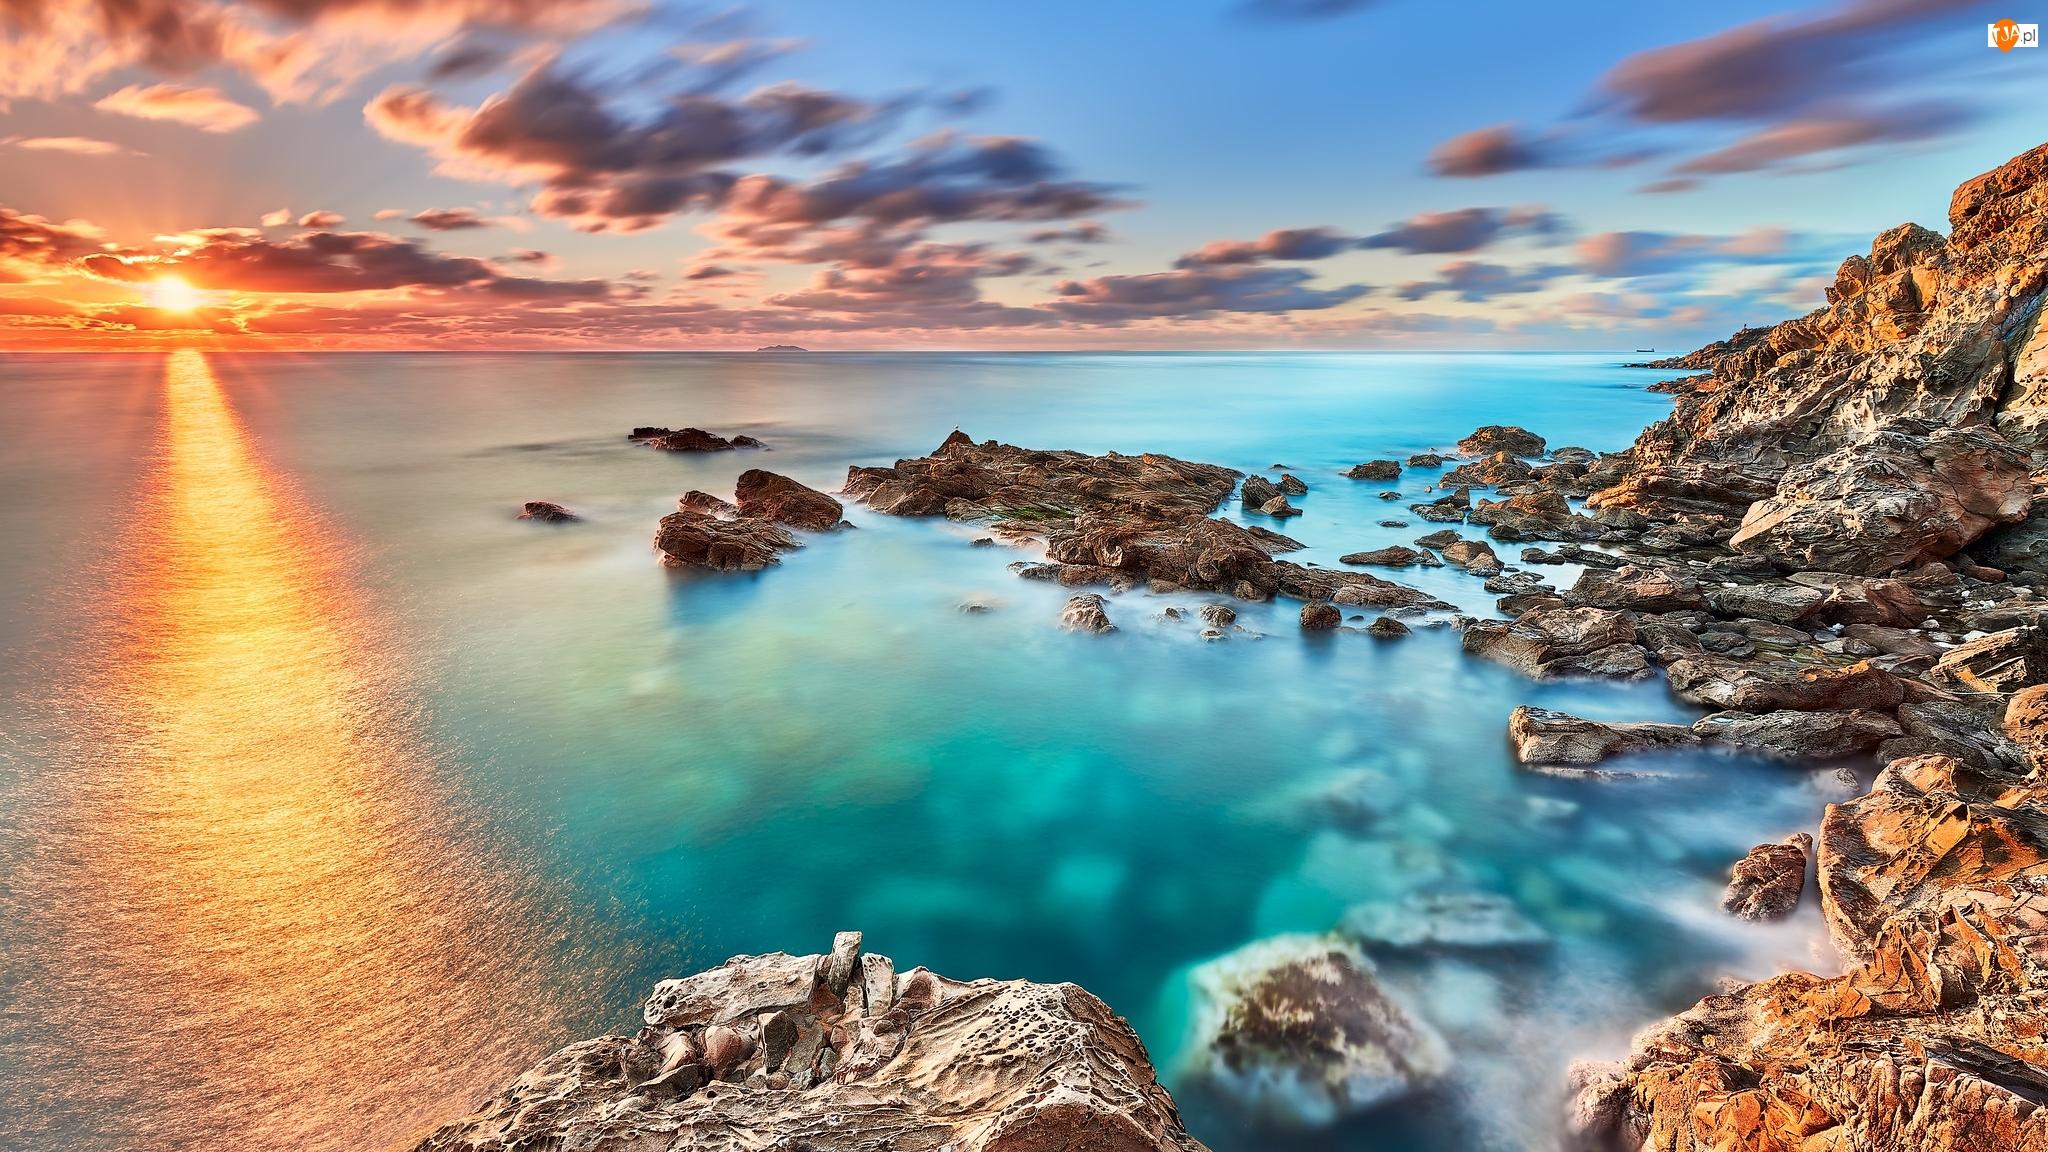 Skały, Zachód słońca, Morze, Wybrzeże, Chmury